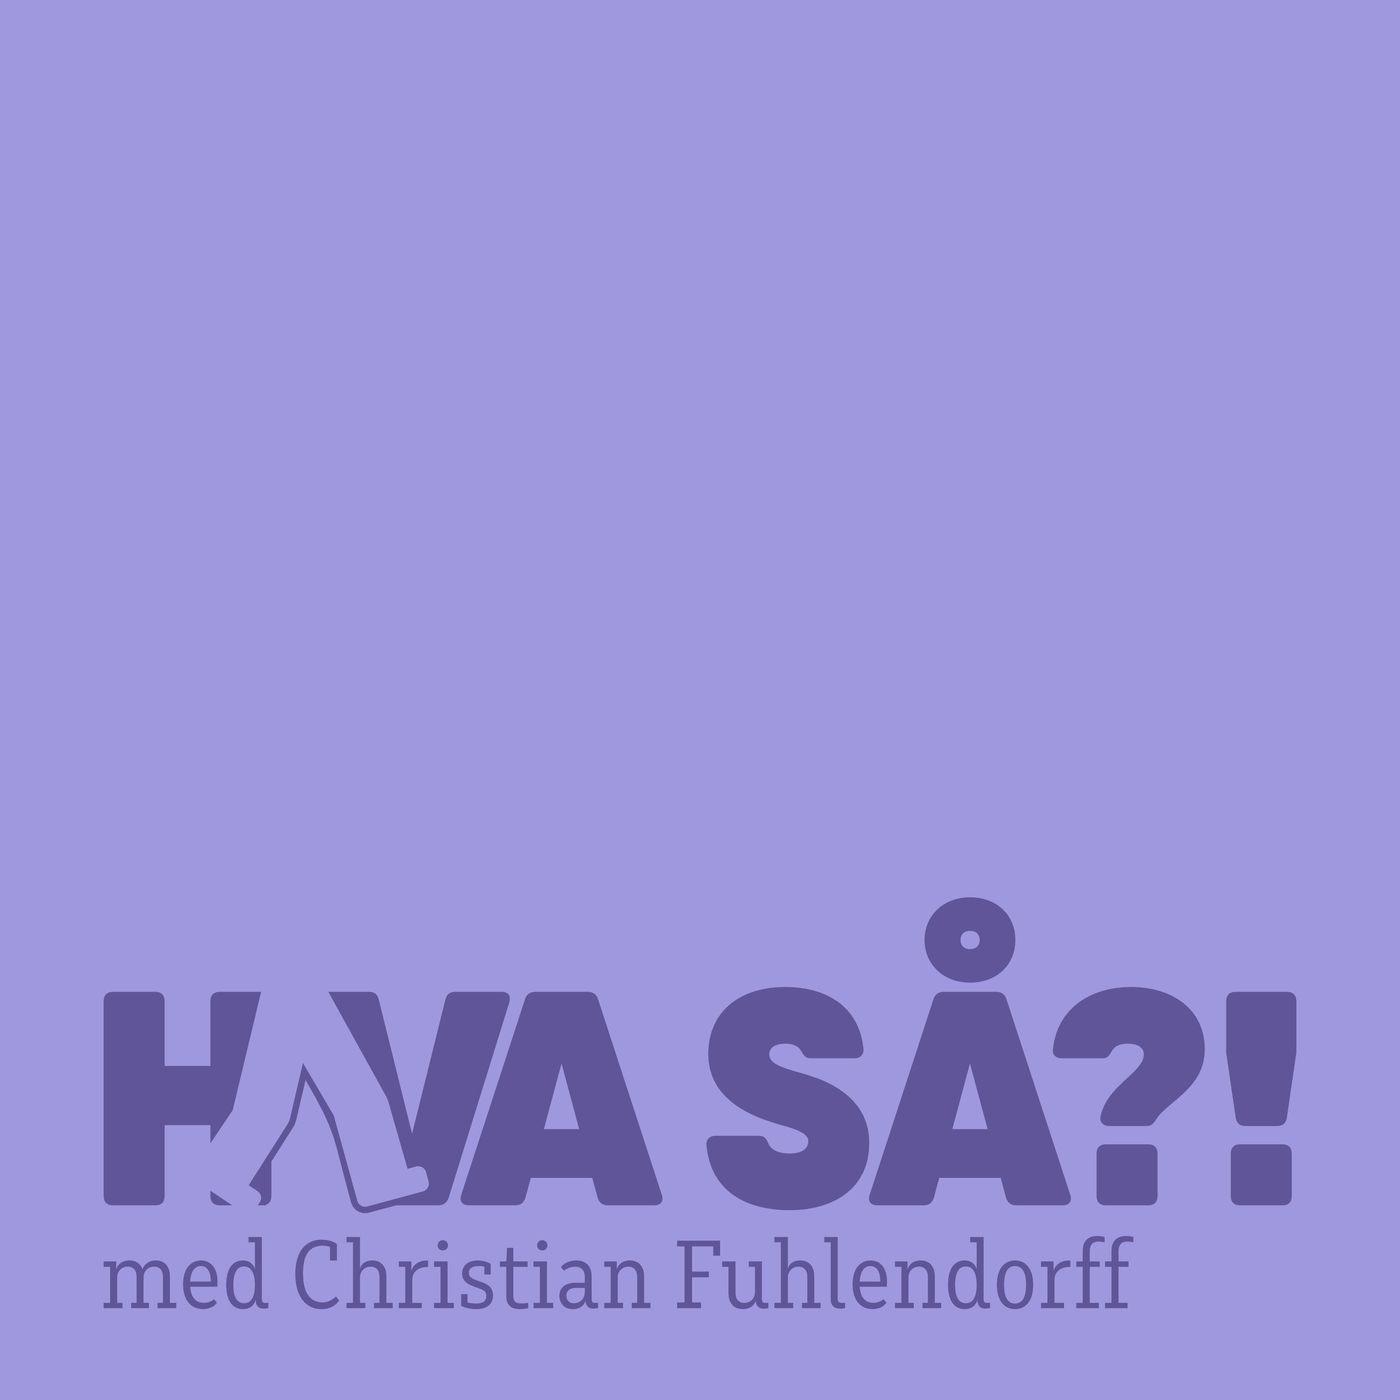 Hva så?! - Lise Baastrup